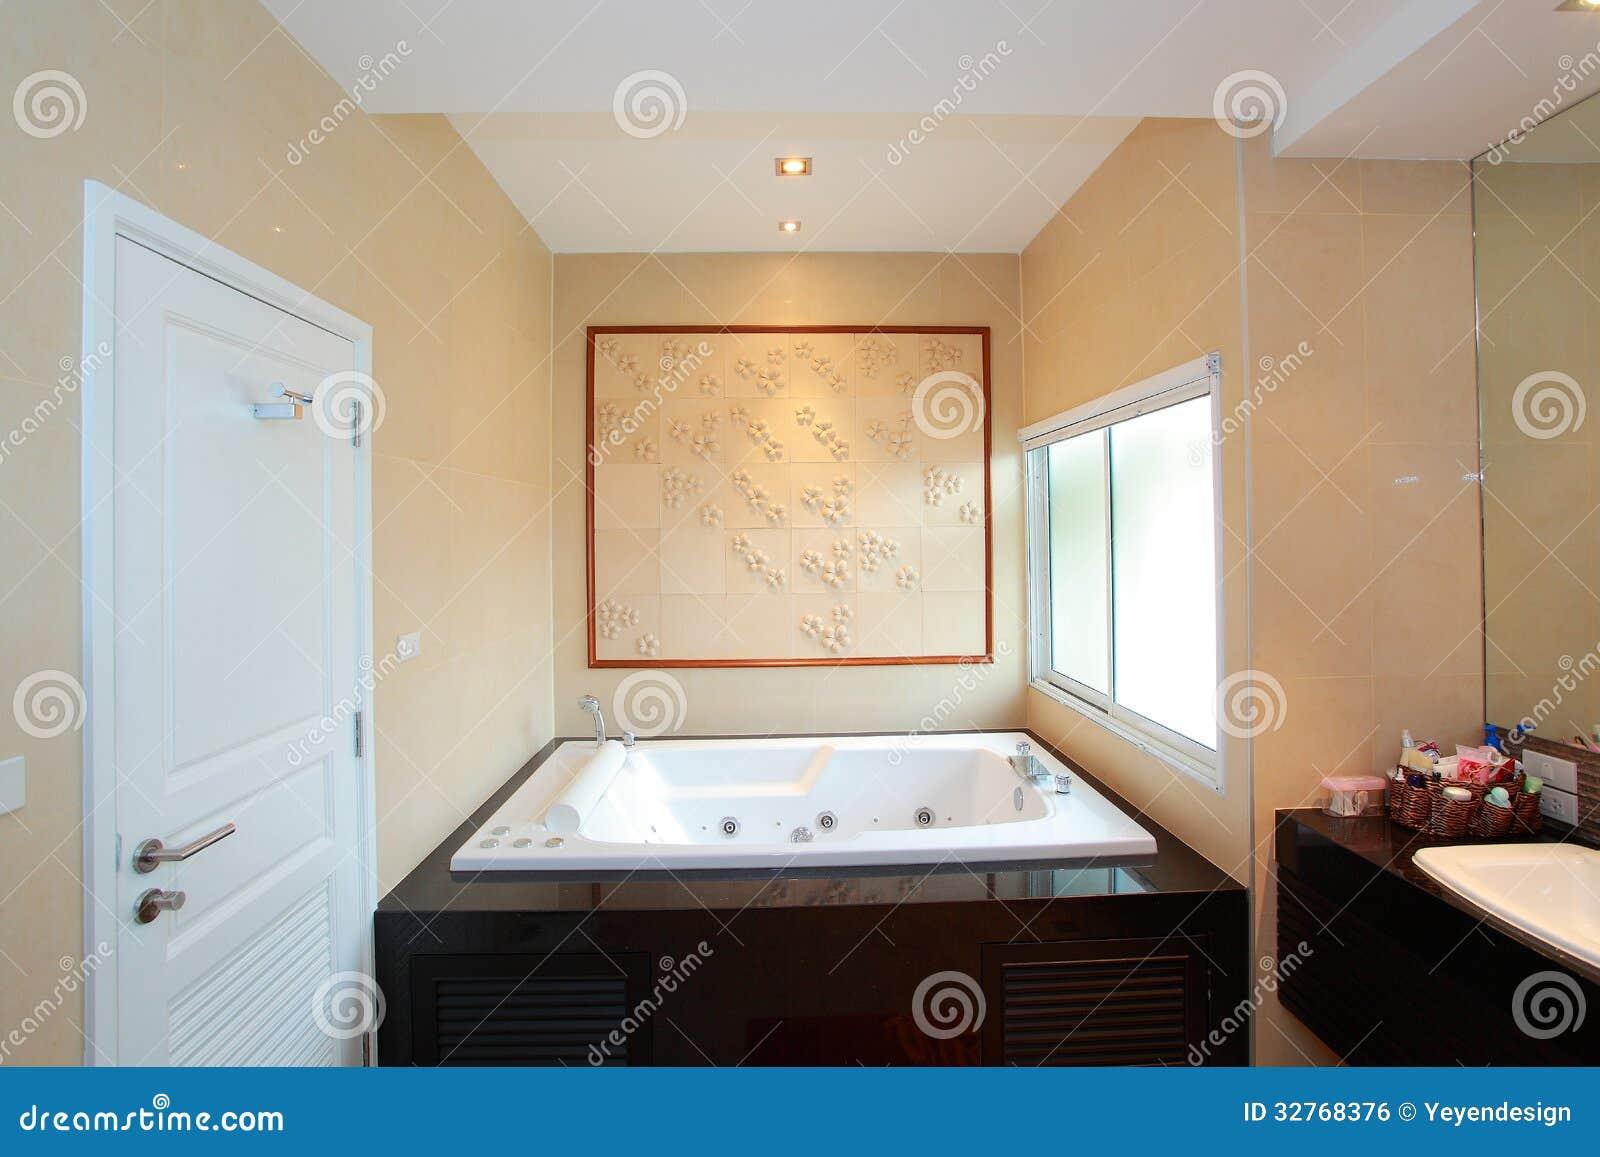 Bagno Moderno Di Lusso Immagine Stock Libera da Diritti - Immagine: 32768376